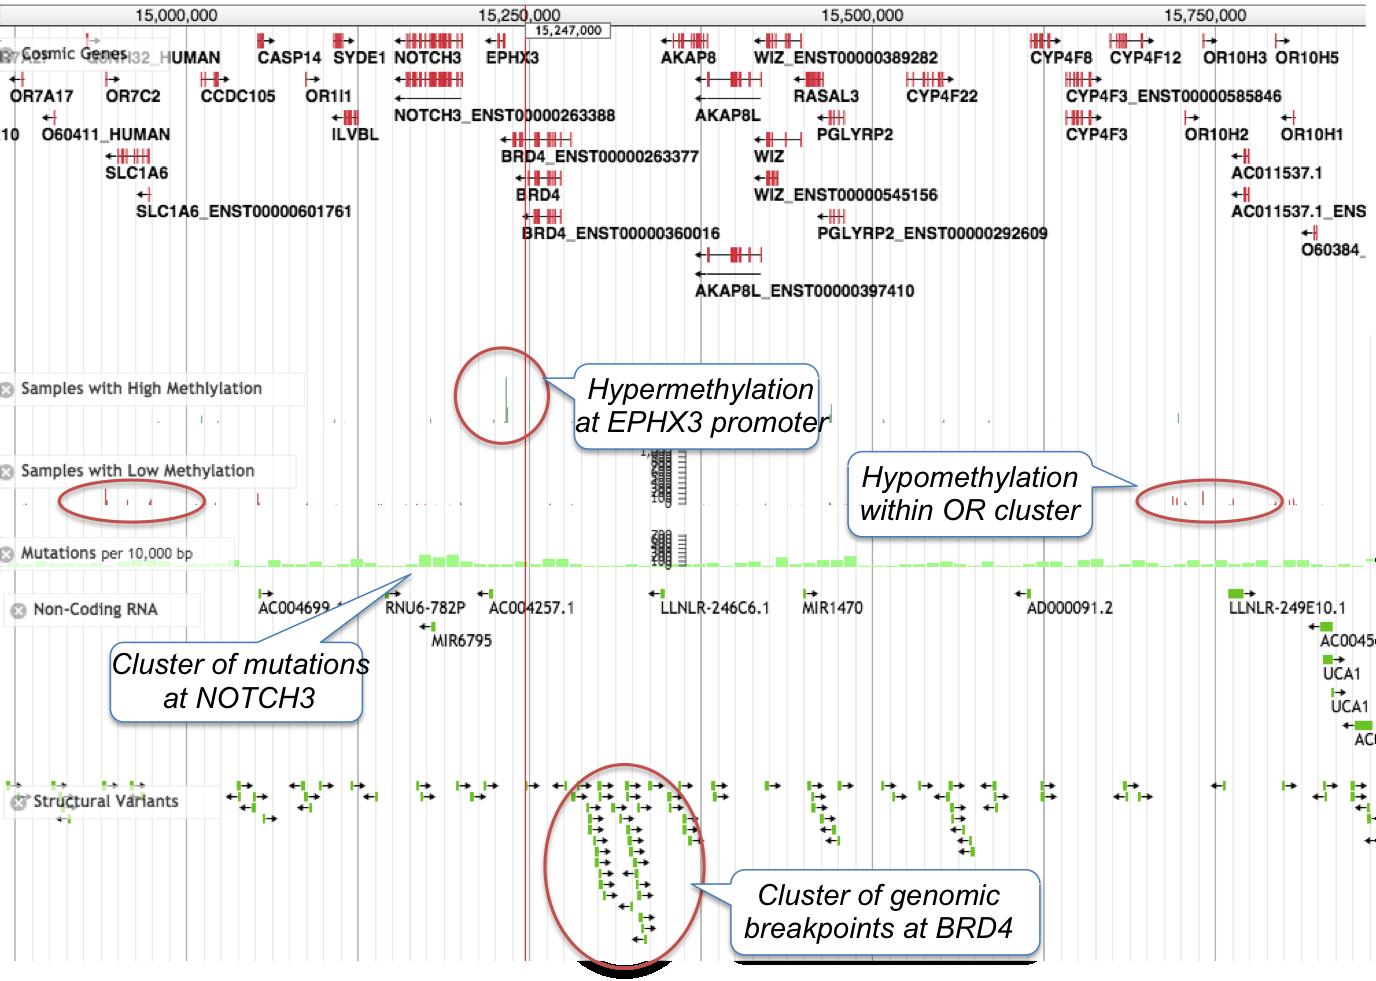 Jbrowse Genomic View